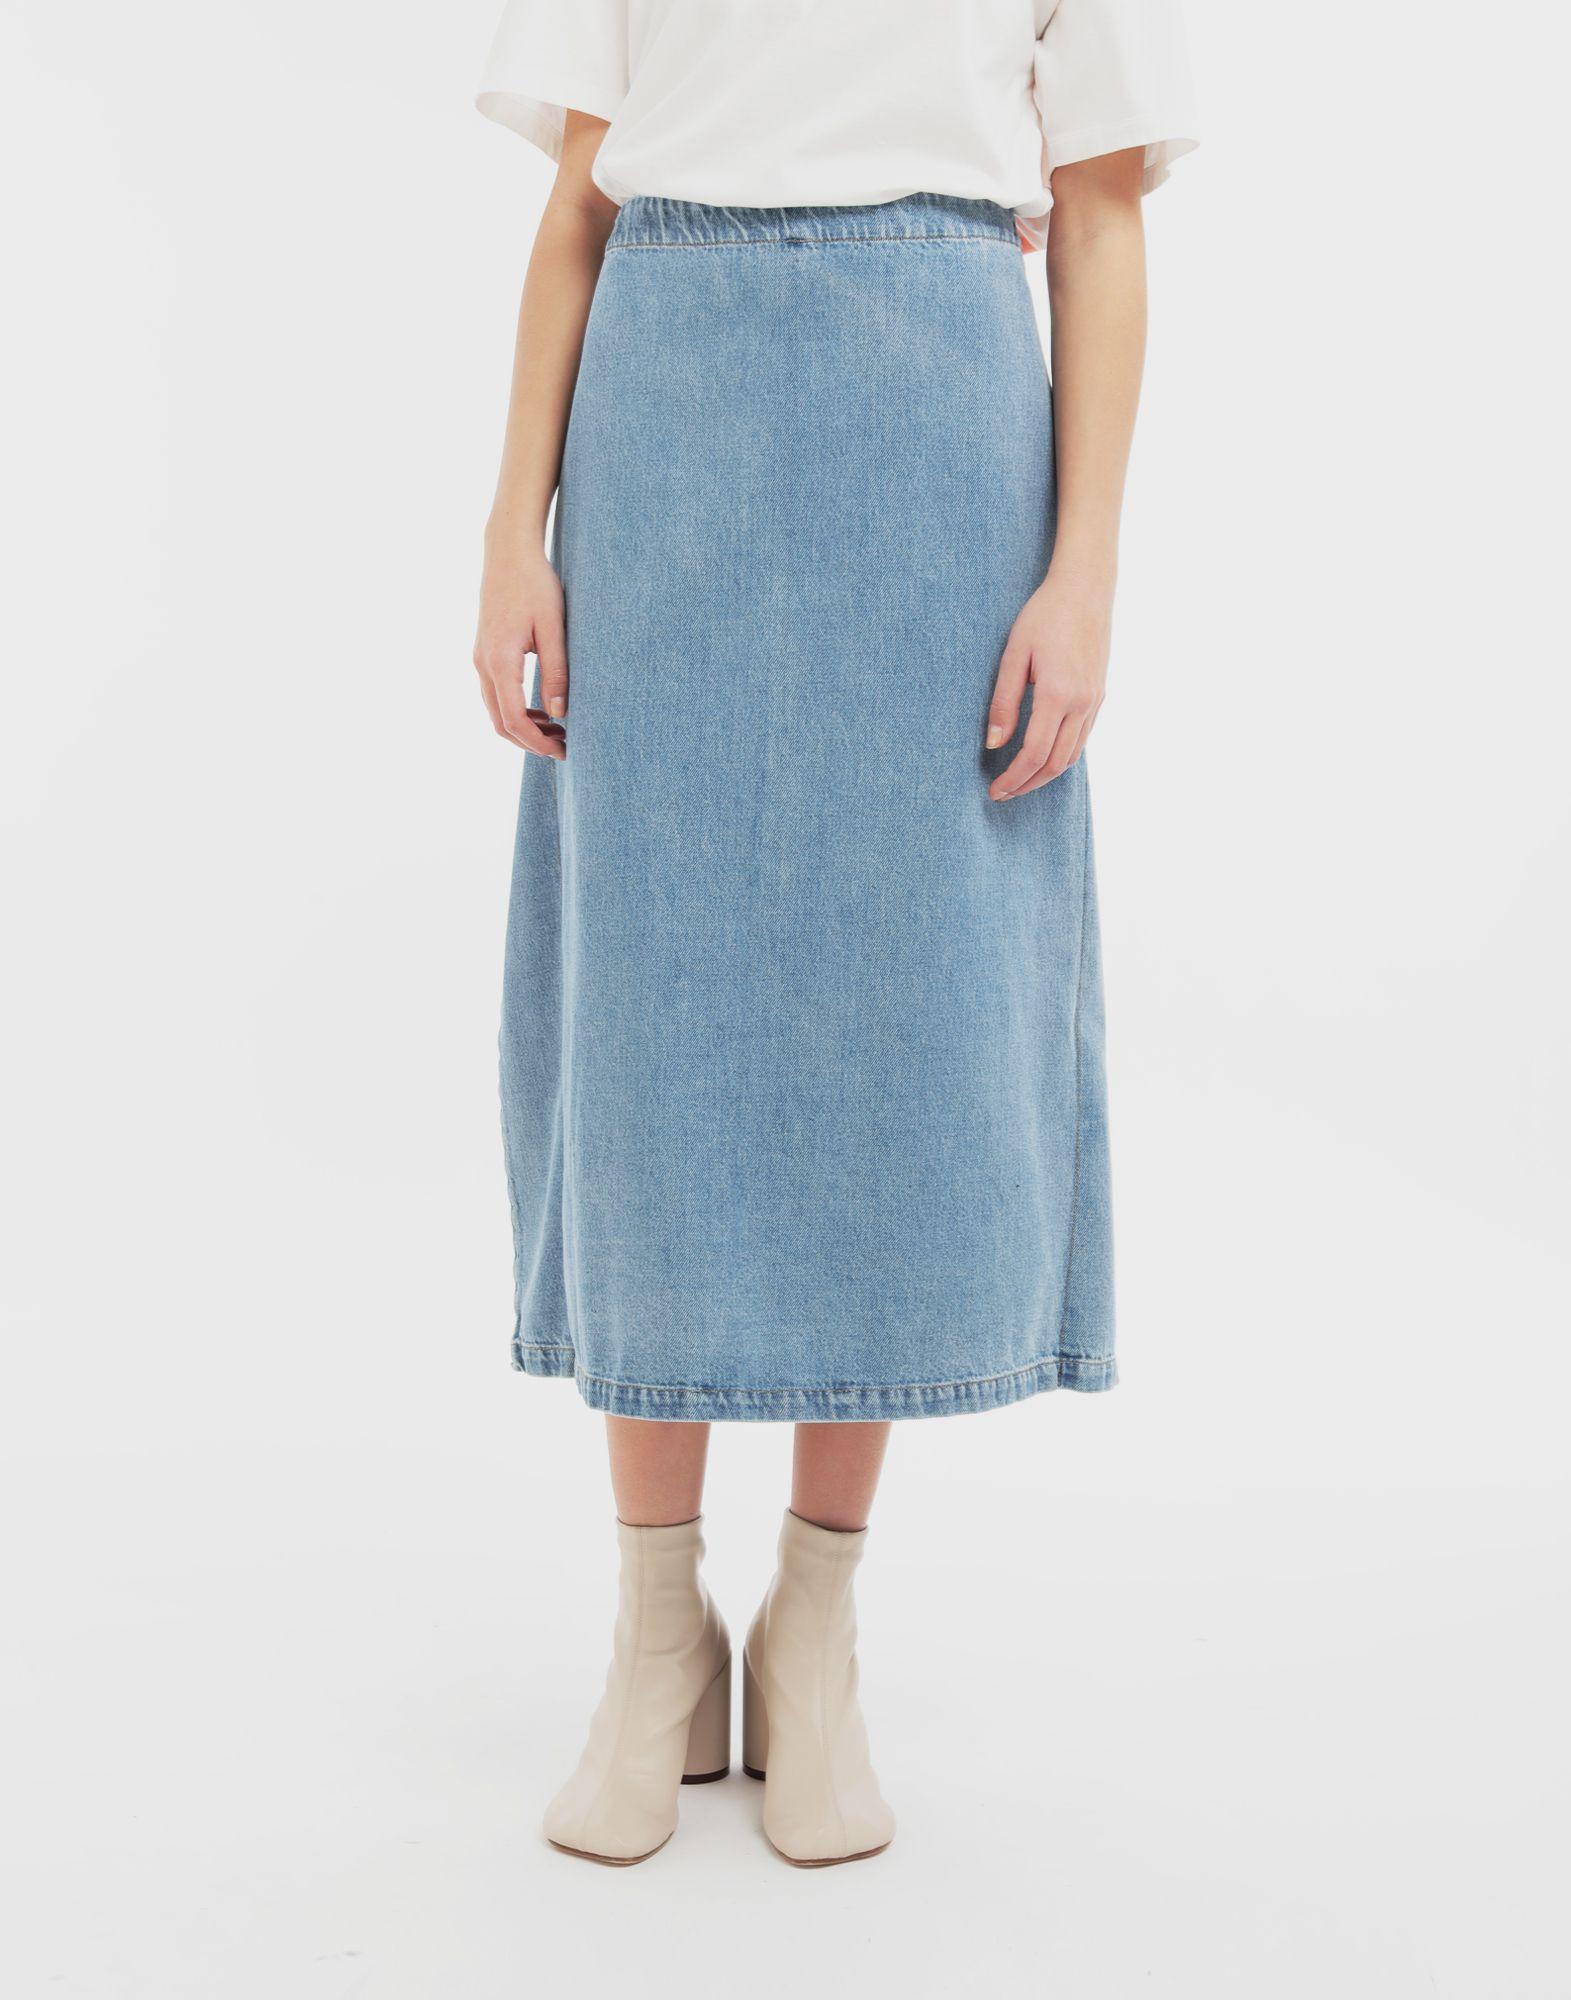 MM6 MAISON MARGIELA Юбка 2 в 1 Джинсовая юбка Для Женщин r